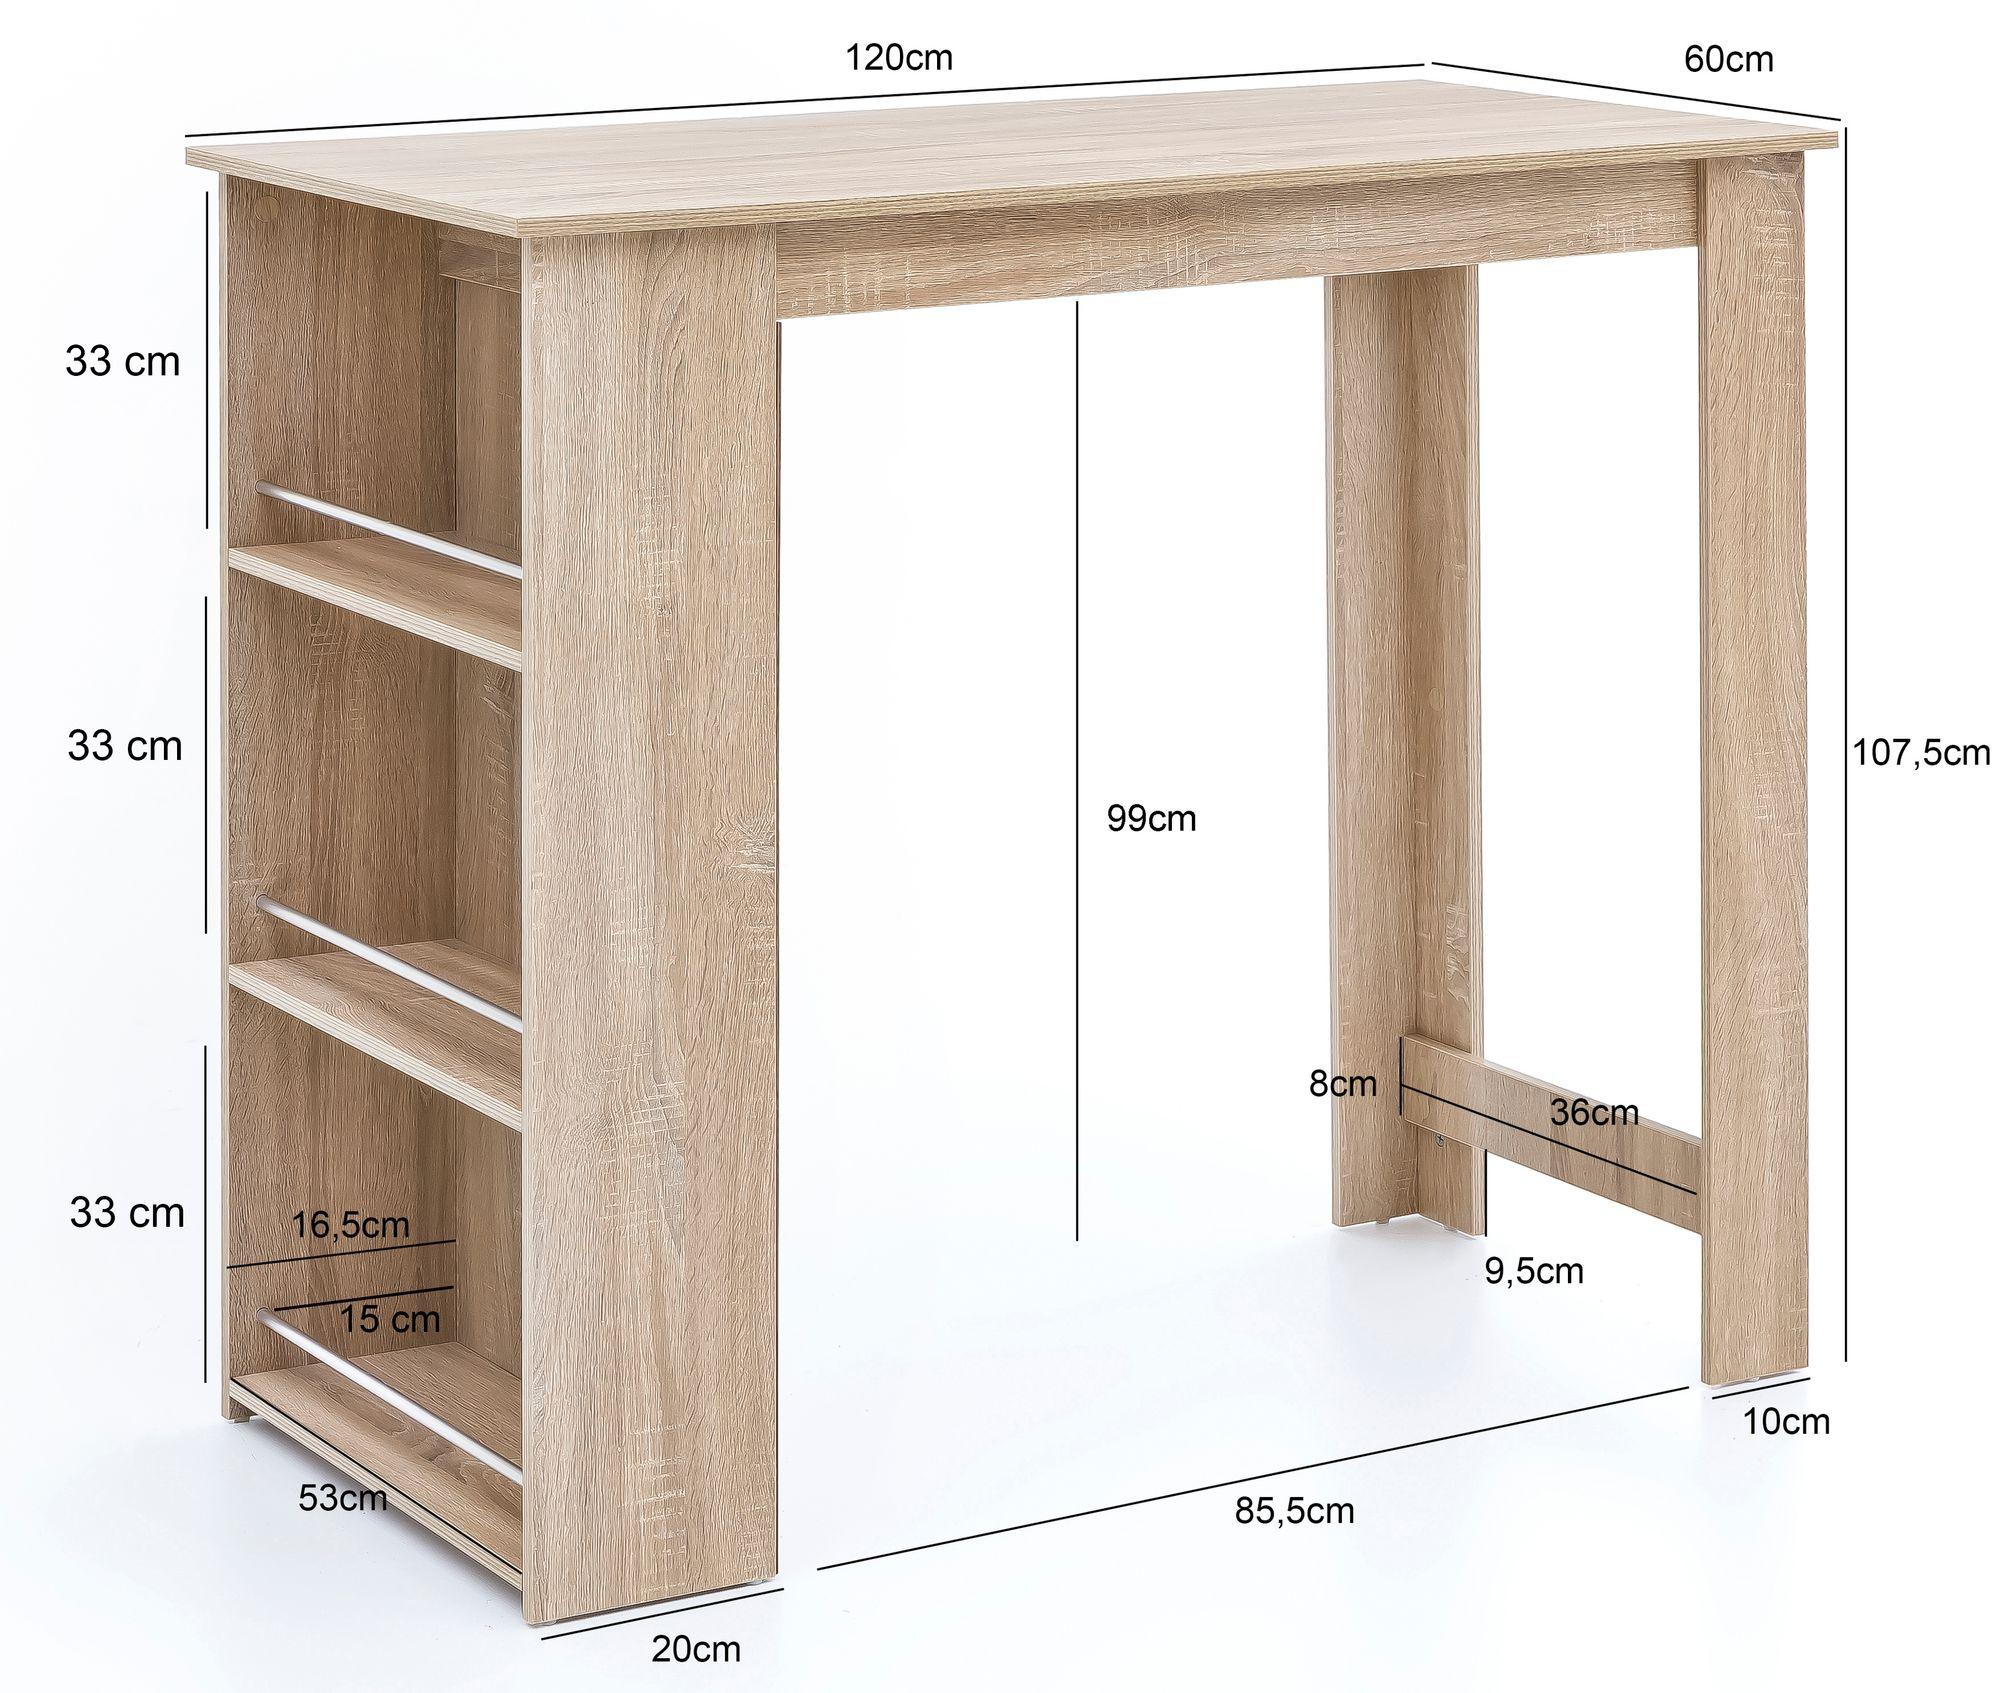 Full Size of Bartisch Kche Ikea 100 Cm Mit Stauraum Poco Billig Vollholzkche Küche Bett 140x200 Betten Big Sofa Schlafzimmer Komplett Wohnzimmer Bartisch Poco